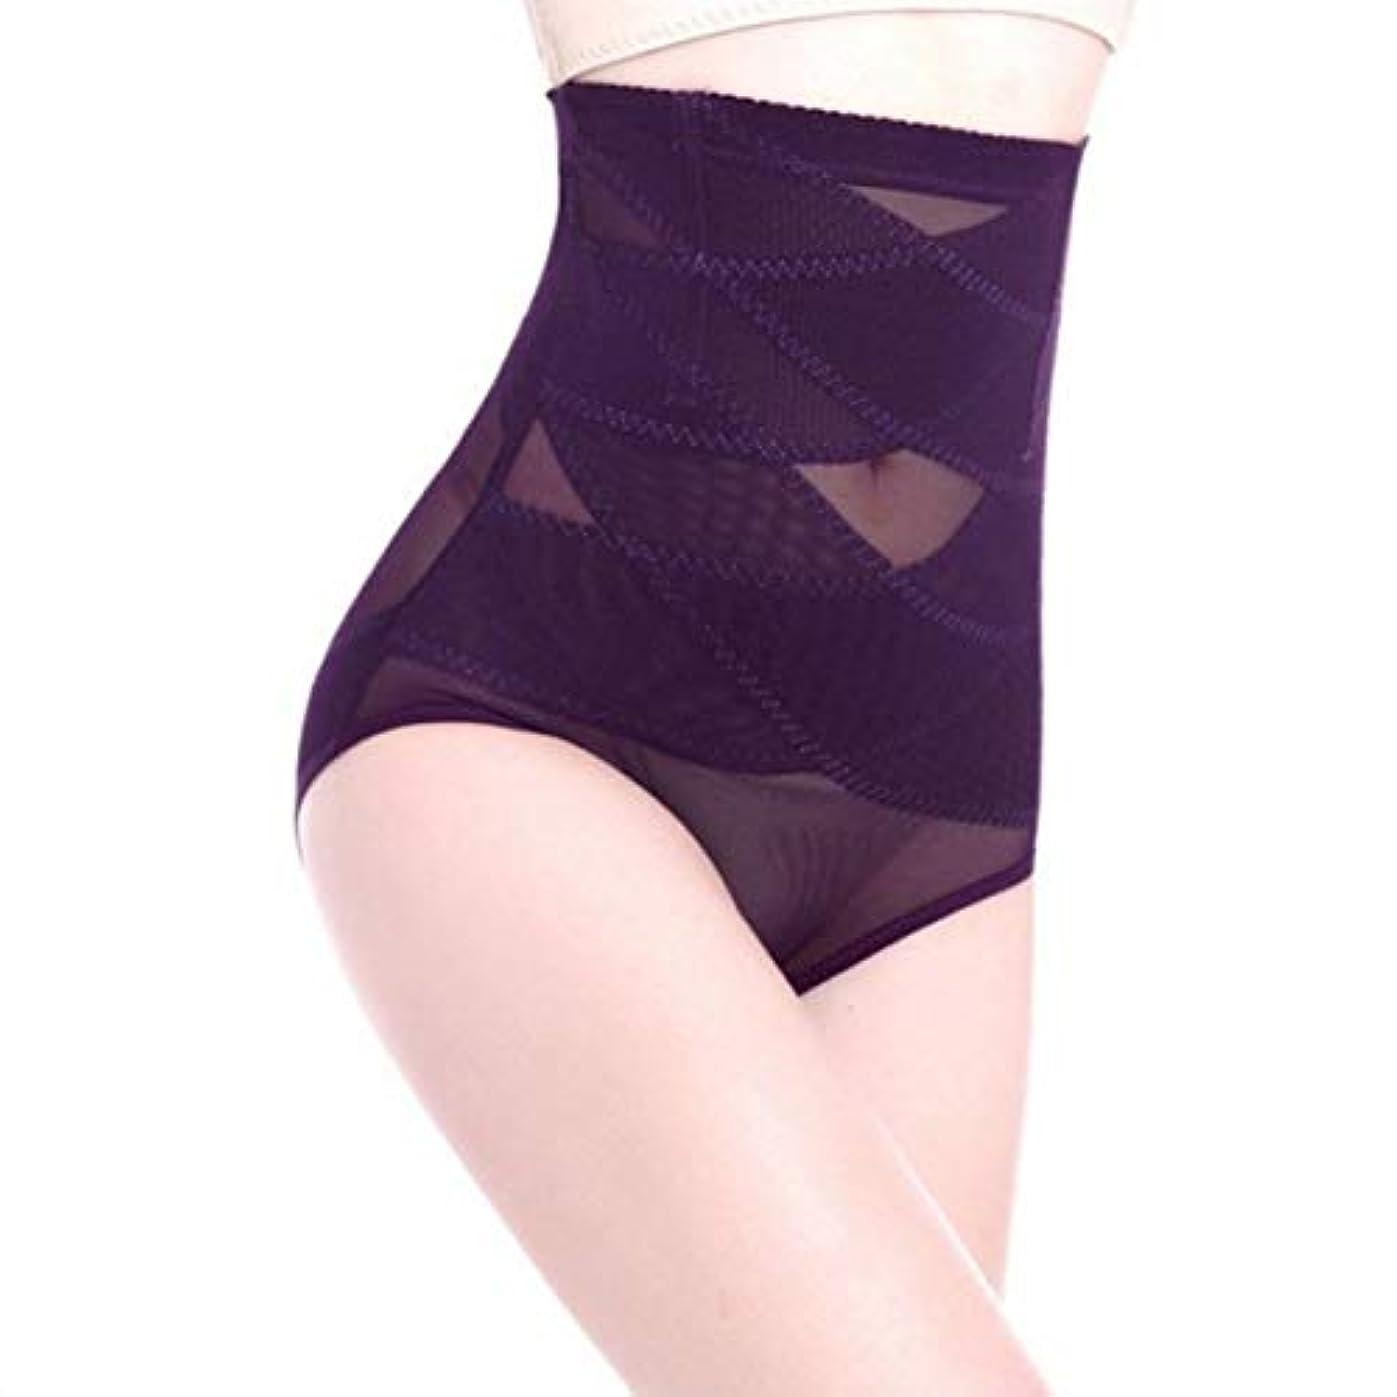 スピーチ送る弾性通気性のあるハイウエスト女性痩身腹部コントロール下着シームレスおなかコントロールパンティーバットリフターボディシェイパー - パープル3 XL